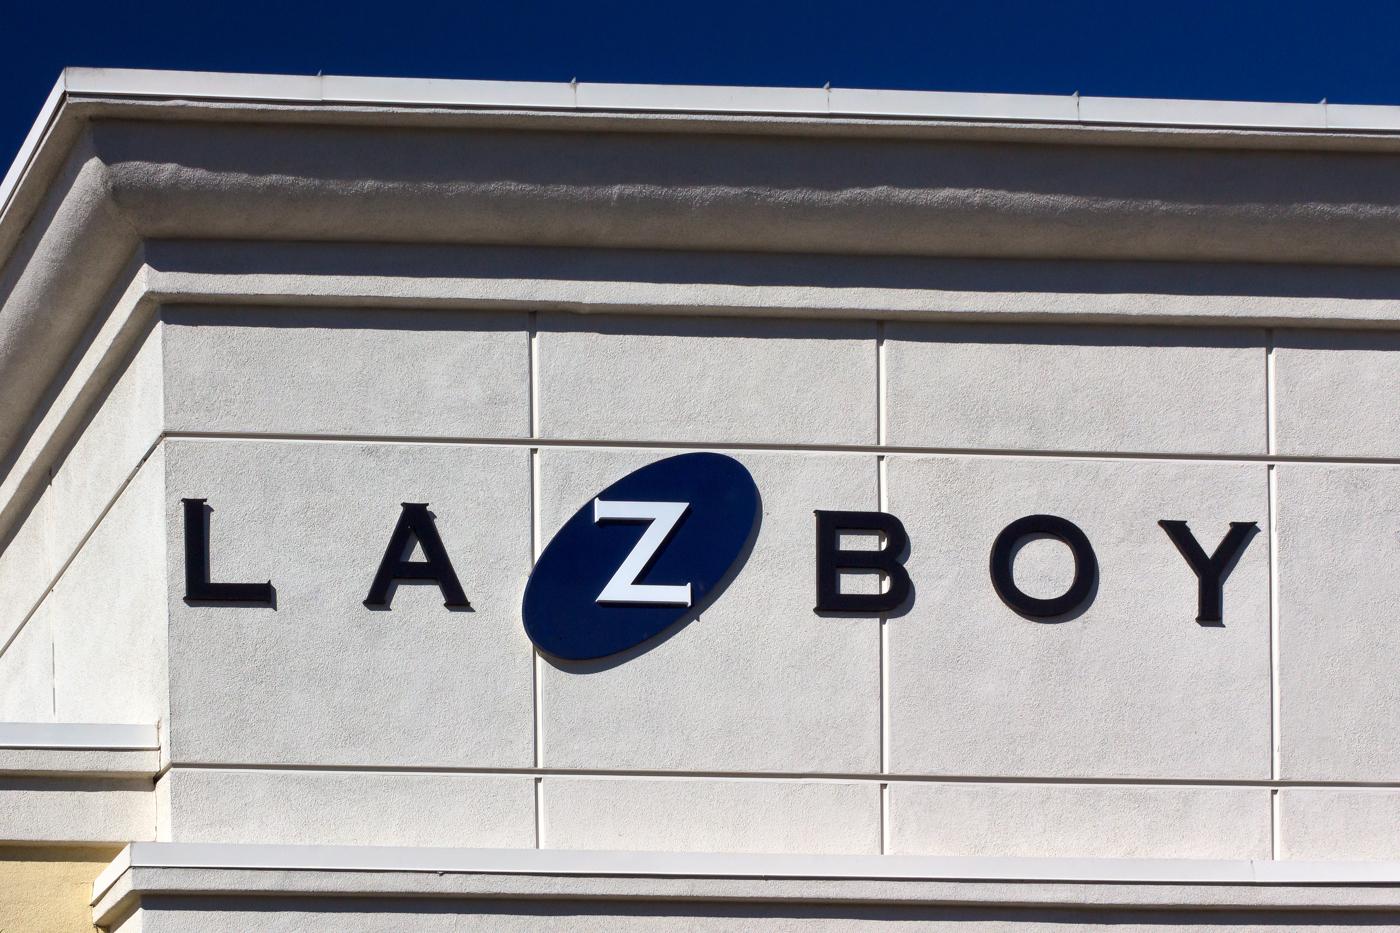 La-Z-Boy stock, Lazyboy stock, Lazy Boy stock, LZB stock